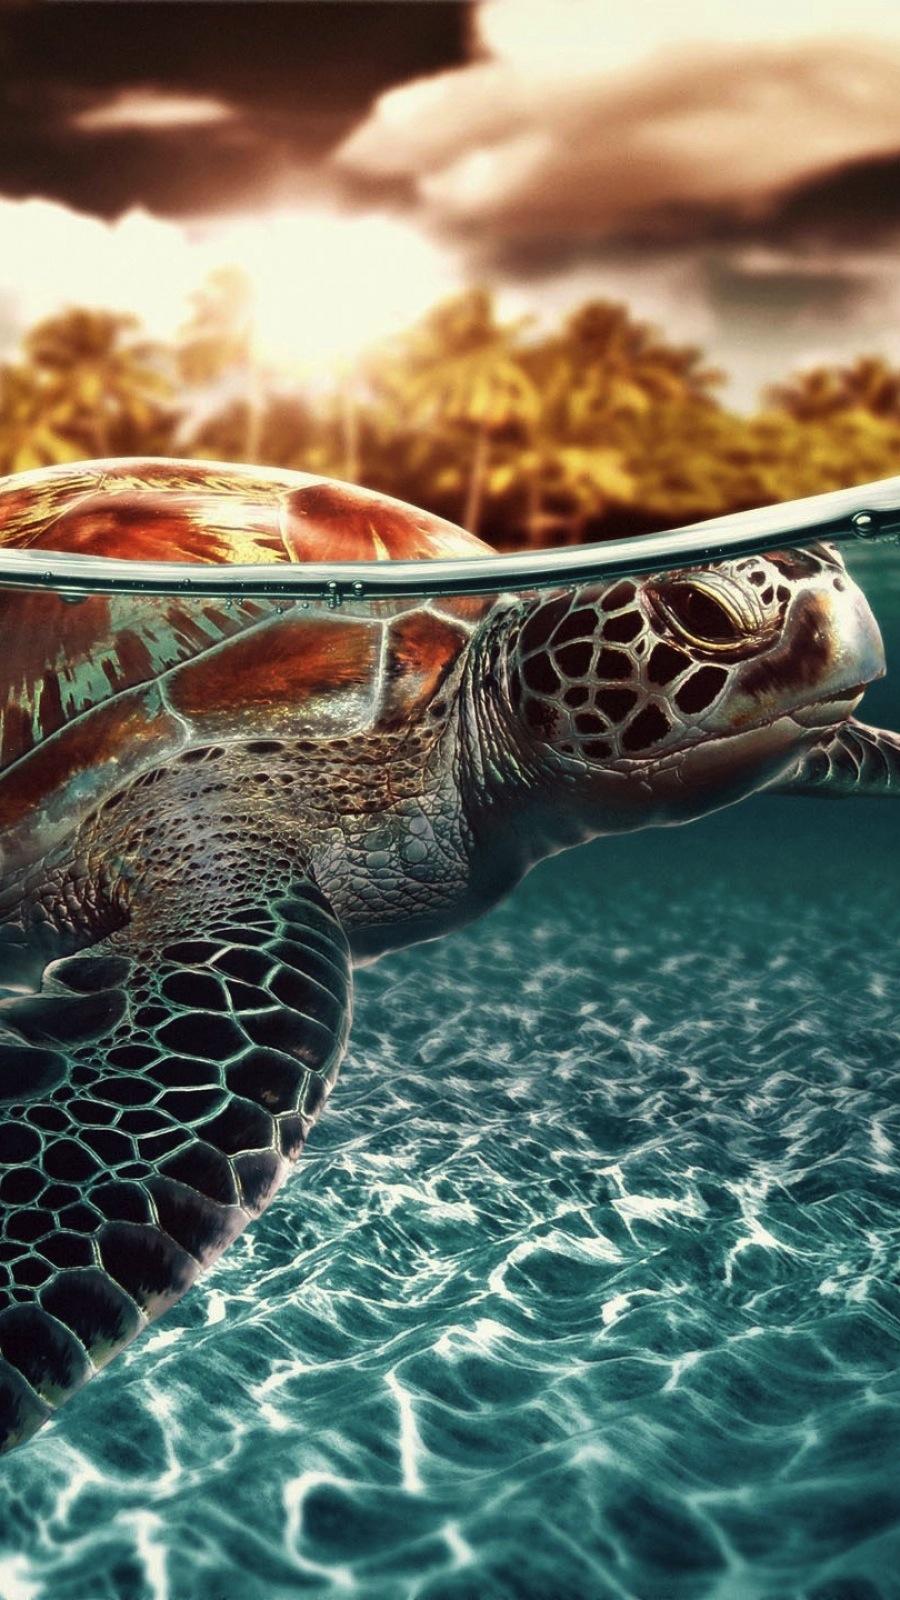 sea turtle holiday animal underwater